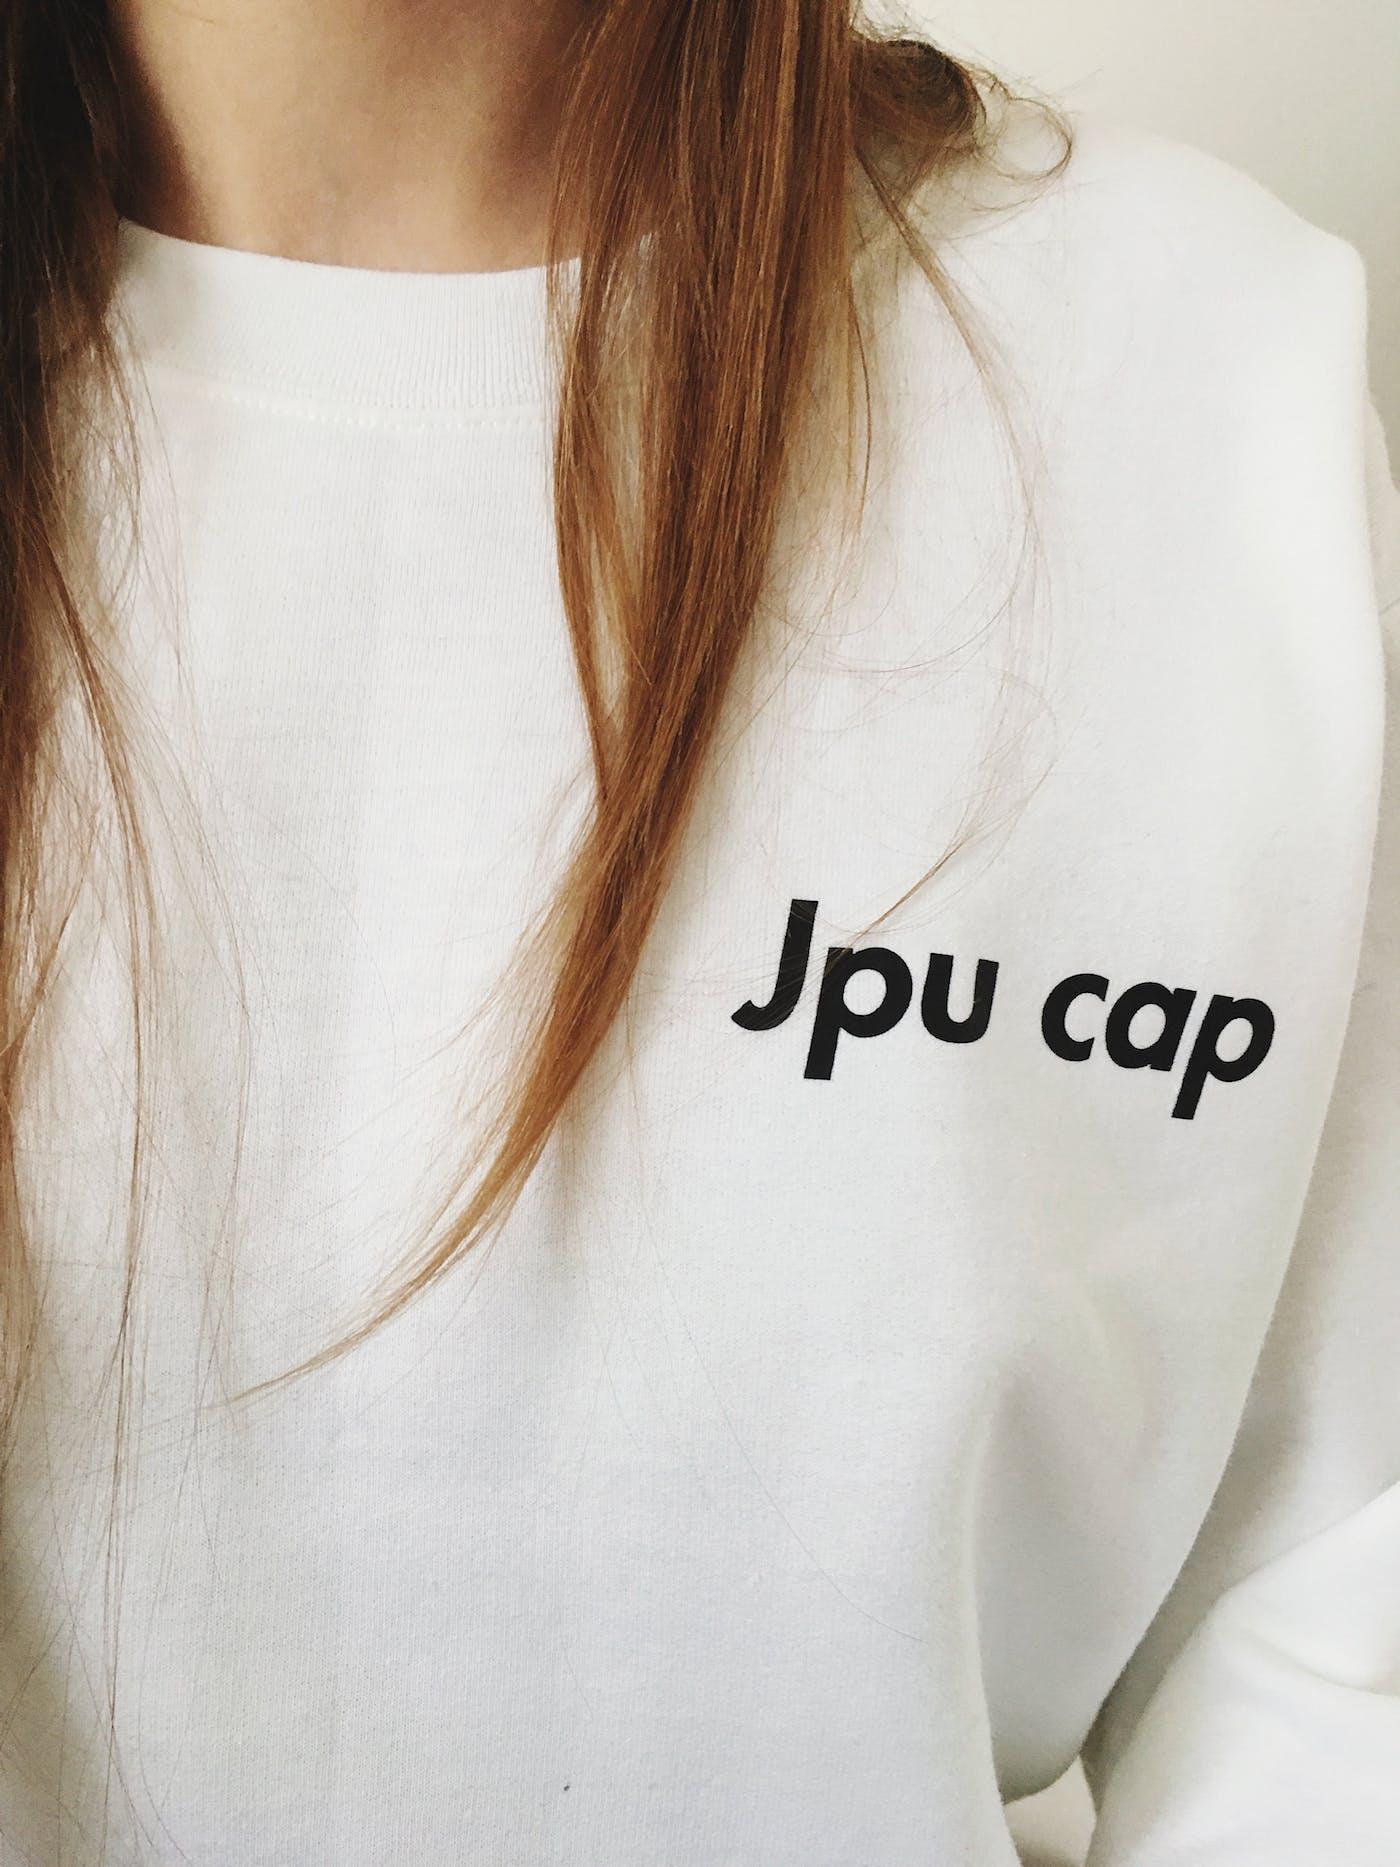 JPU CAP Sweater in White #2